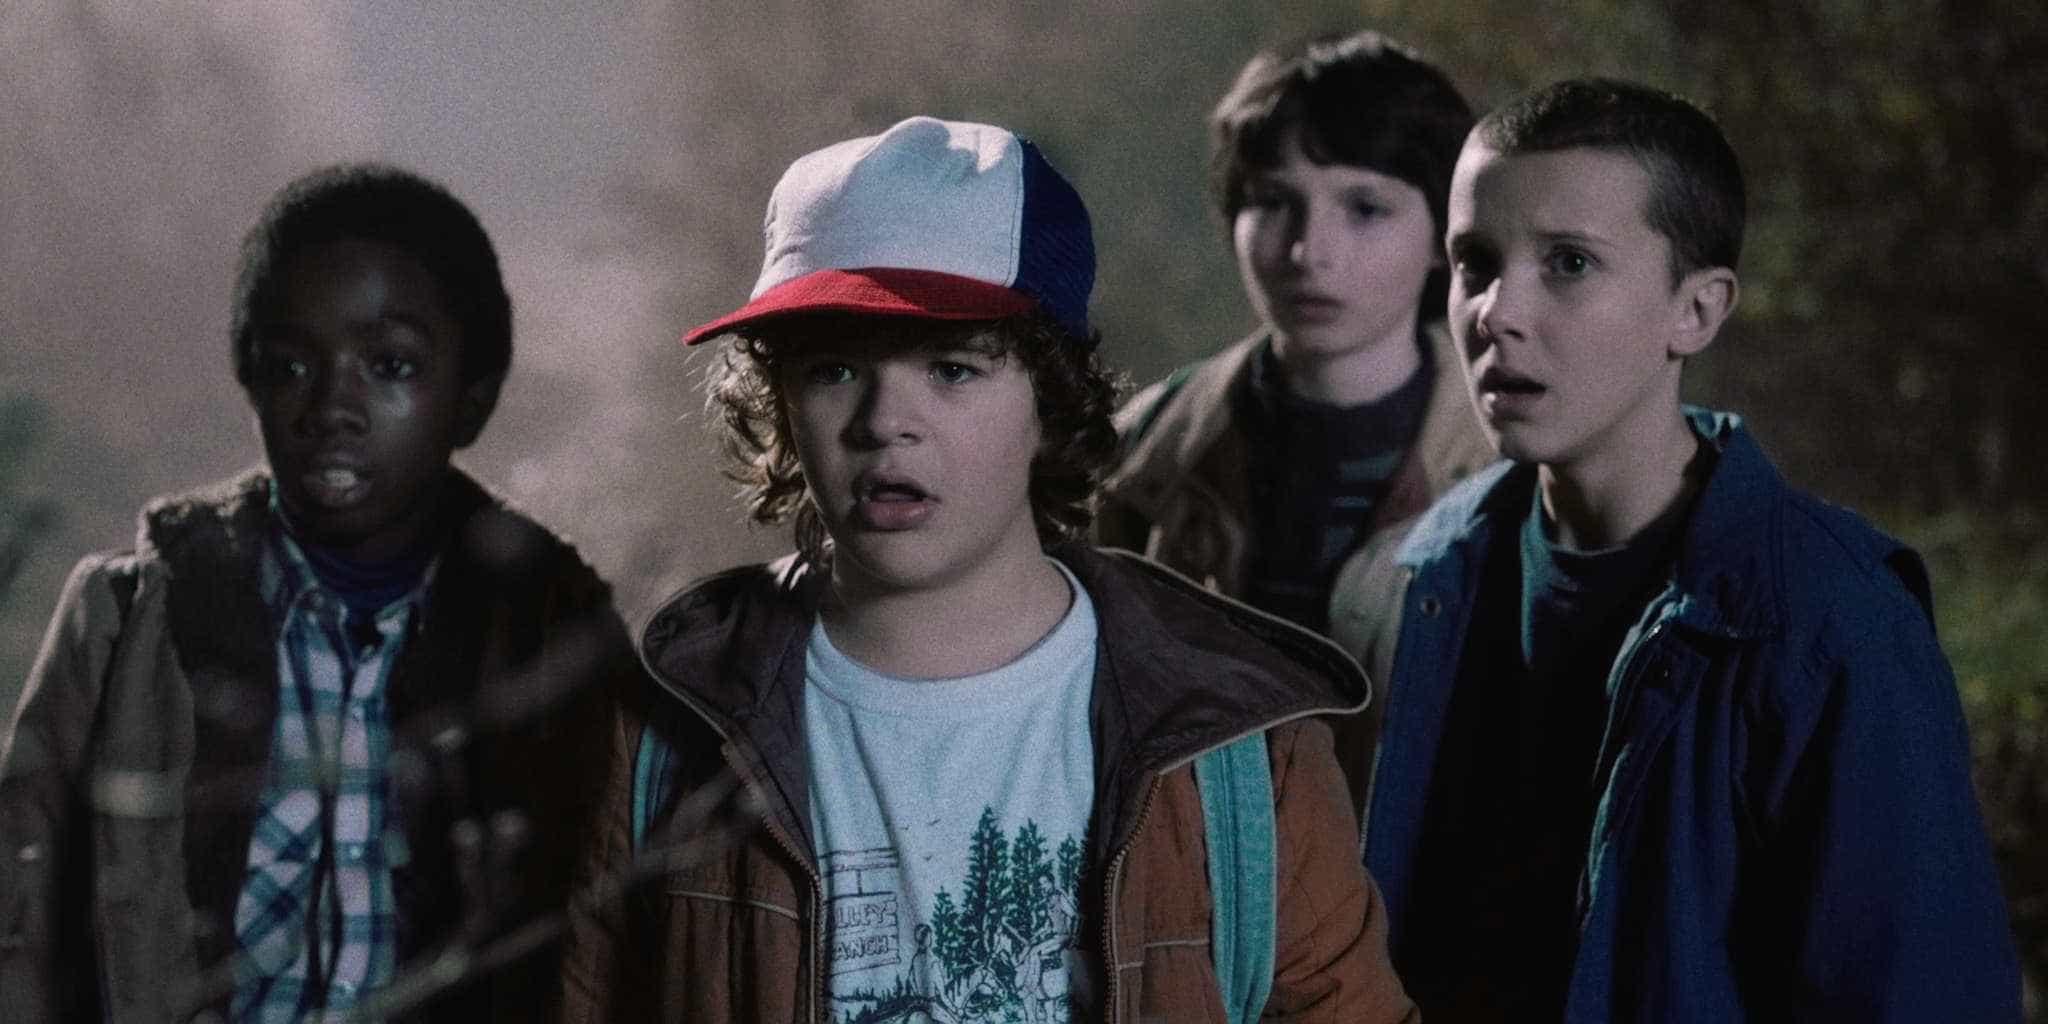 Terceira temporada Stranger Things se passará no verão de 1985